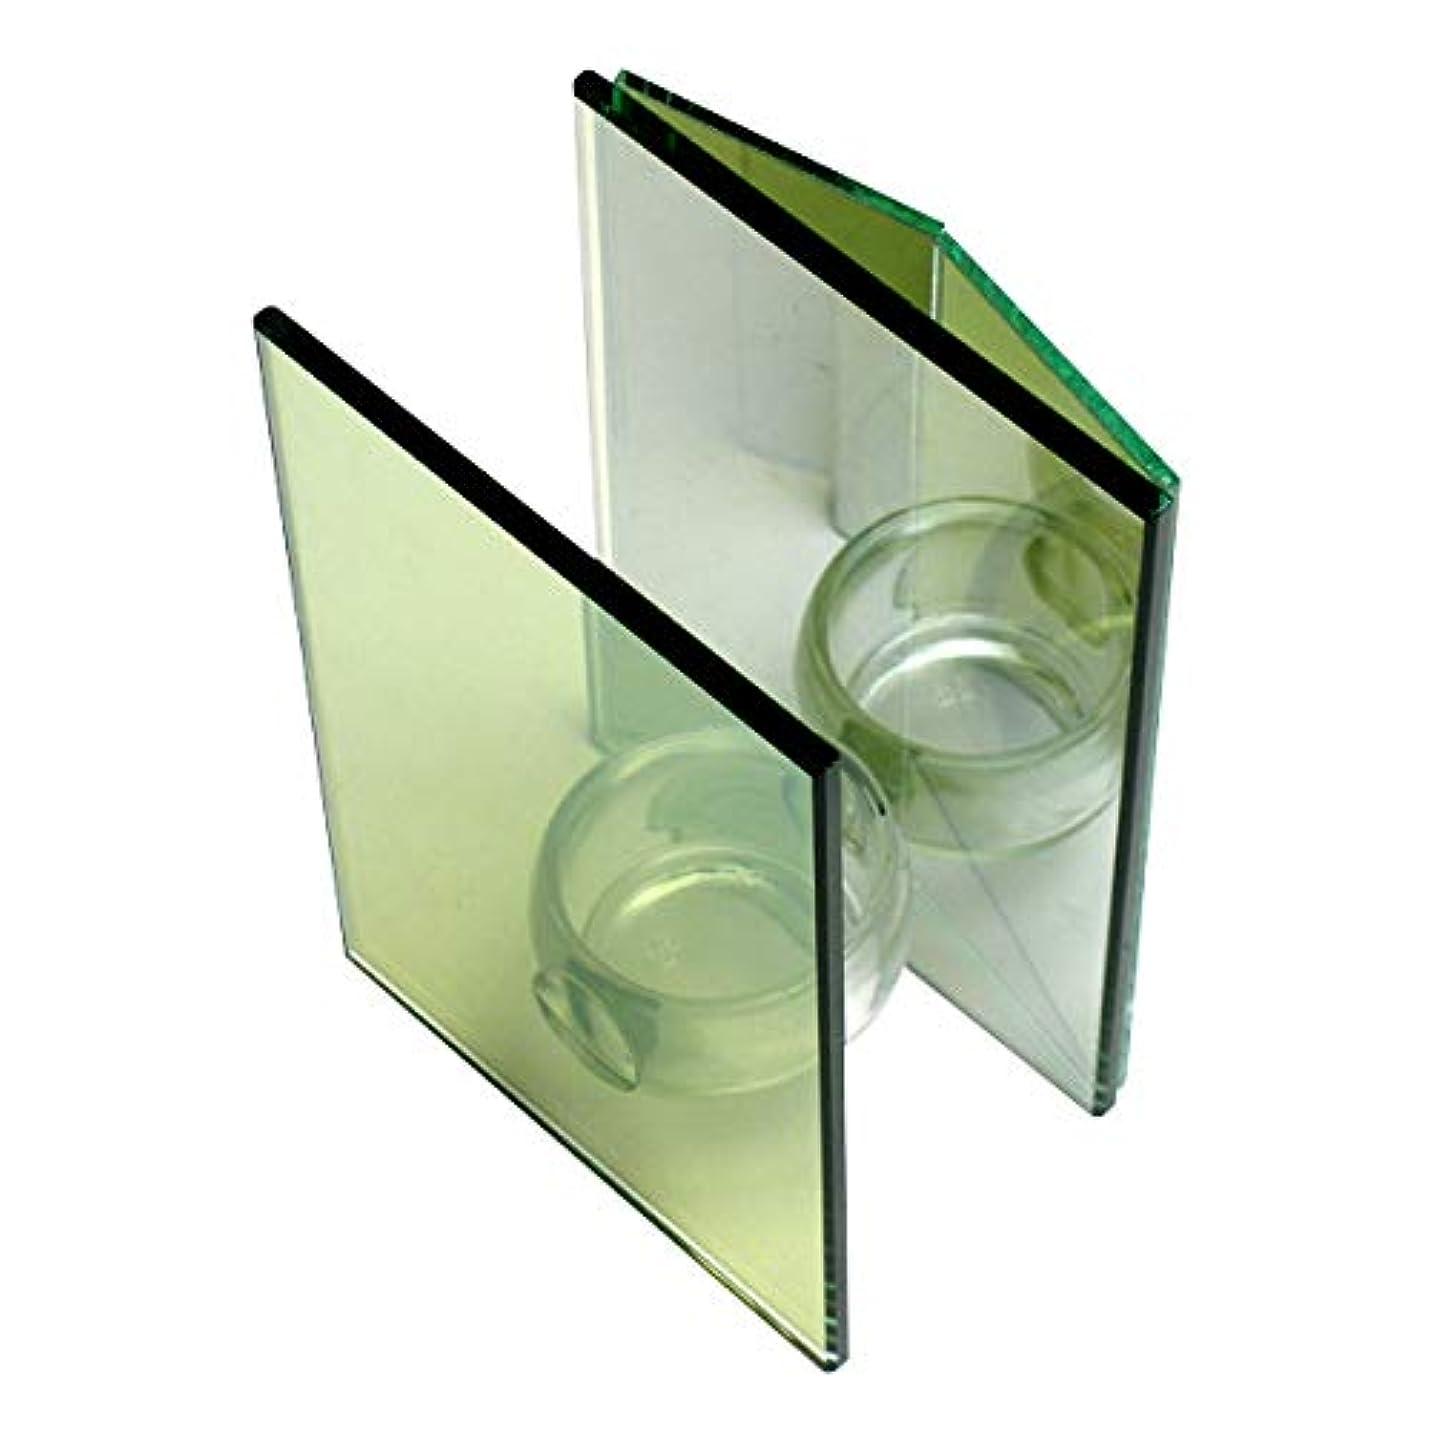 アラビア語後者デンマーク無限連鎖キャンドルホルダー ダブルミラー ガラス キャンドルスタンド ランタン 誕生日 ティーライトキャンドル